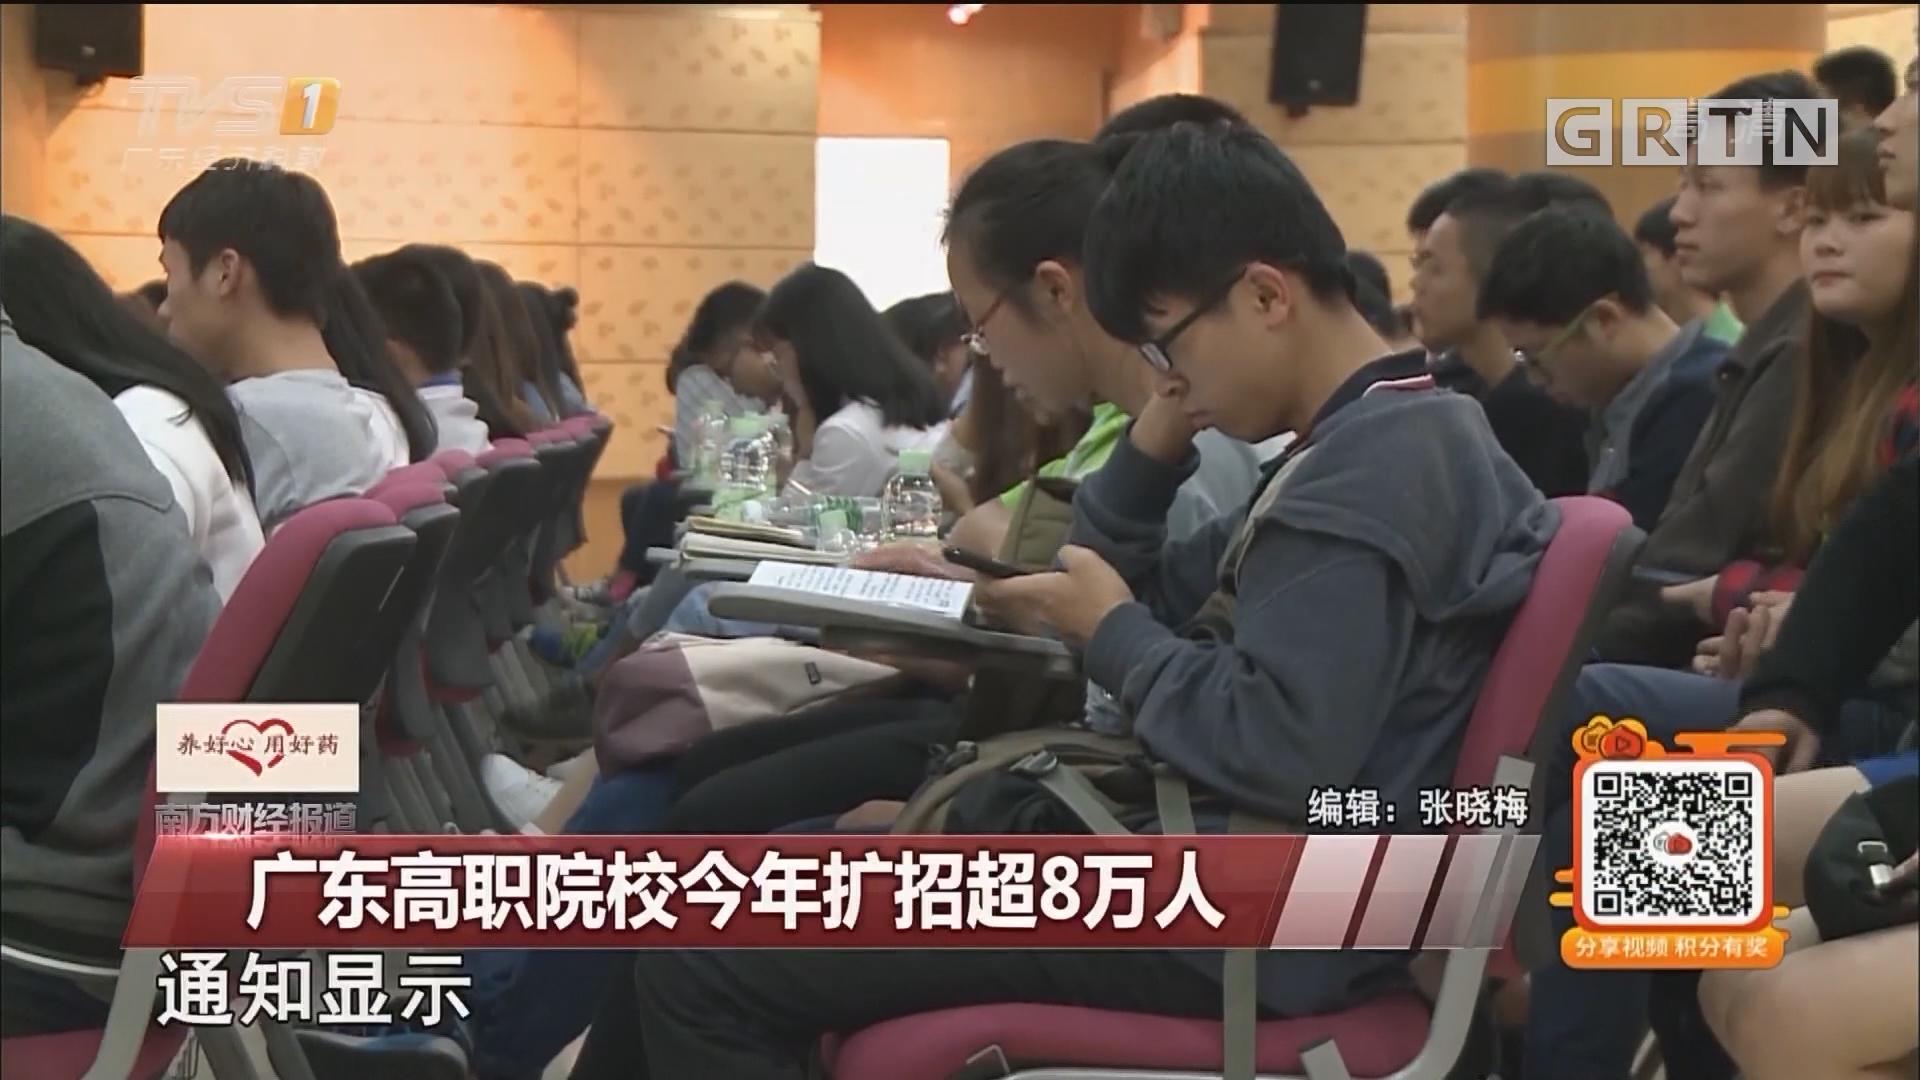 广东高职院校今年扩招超8万人